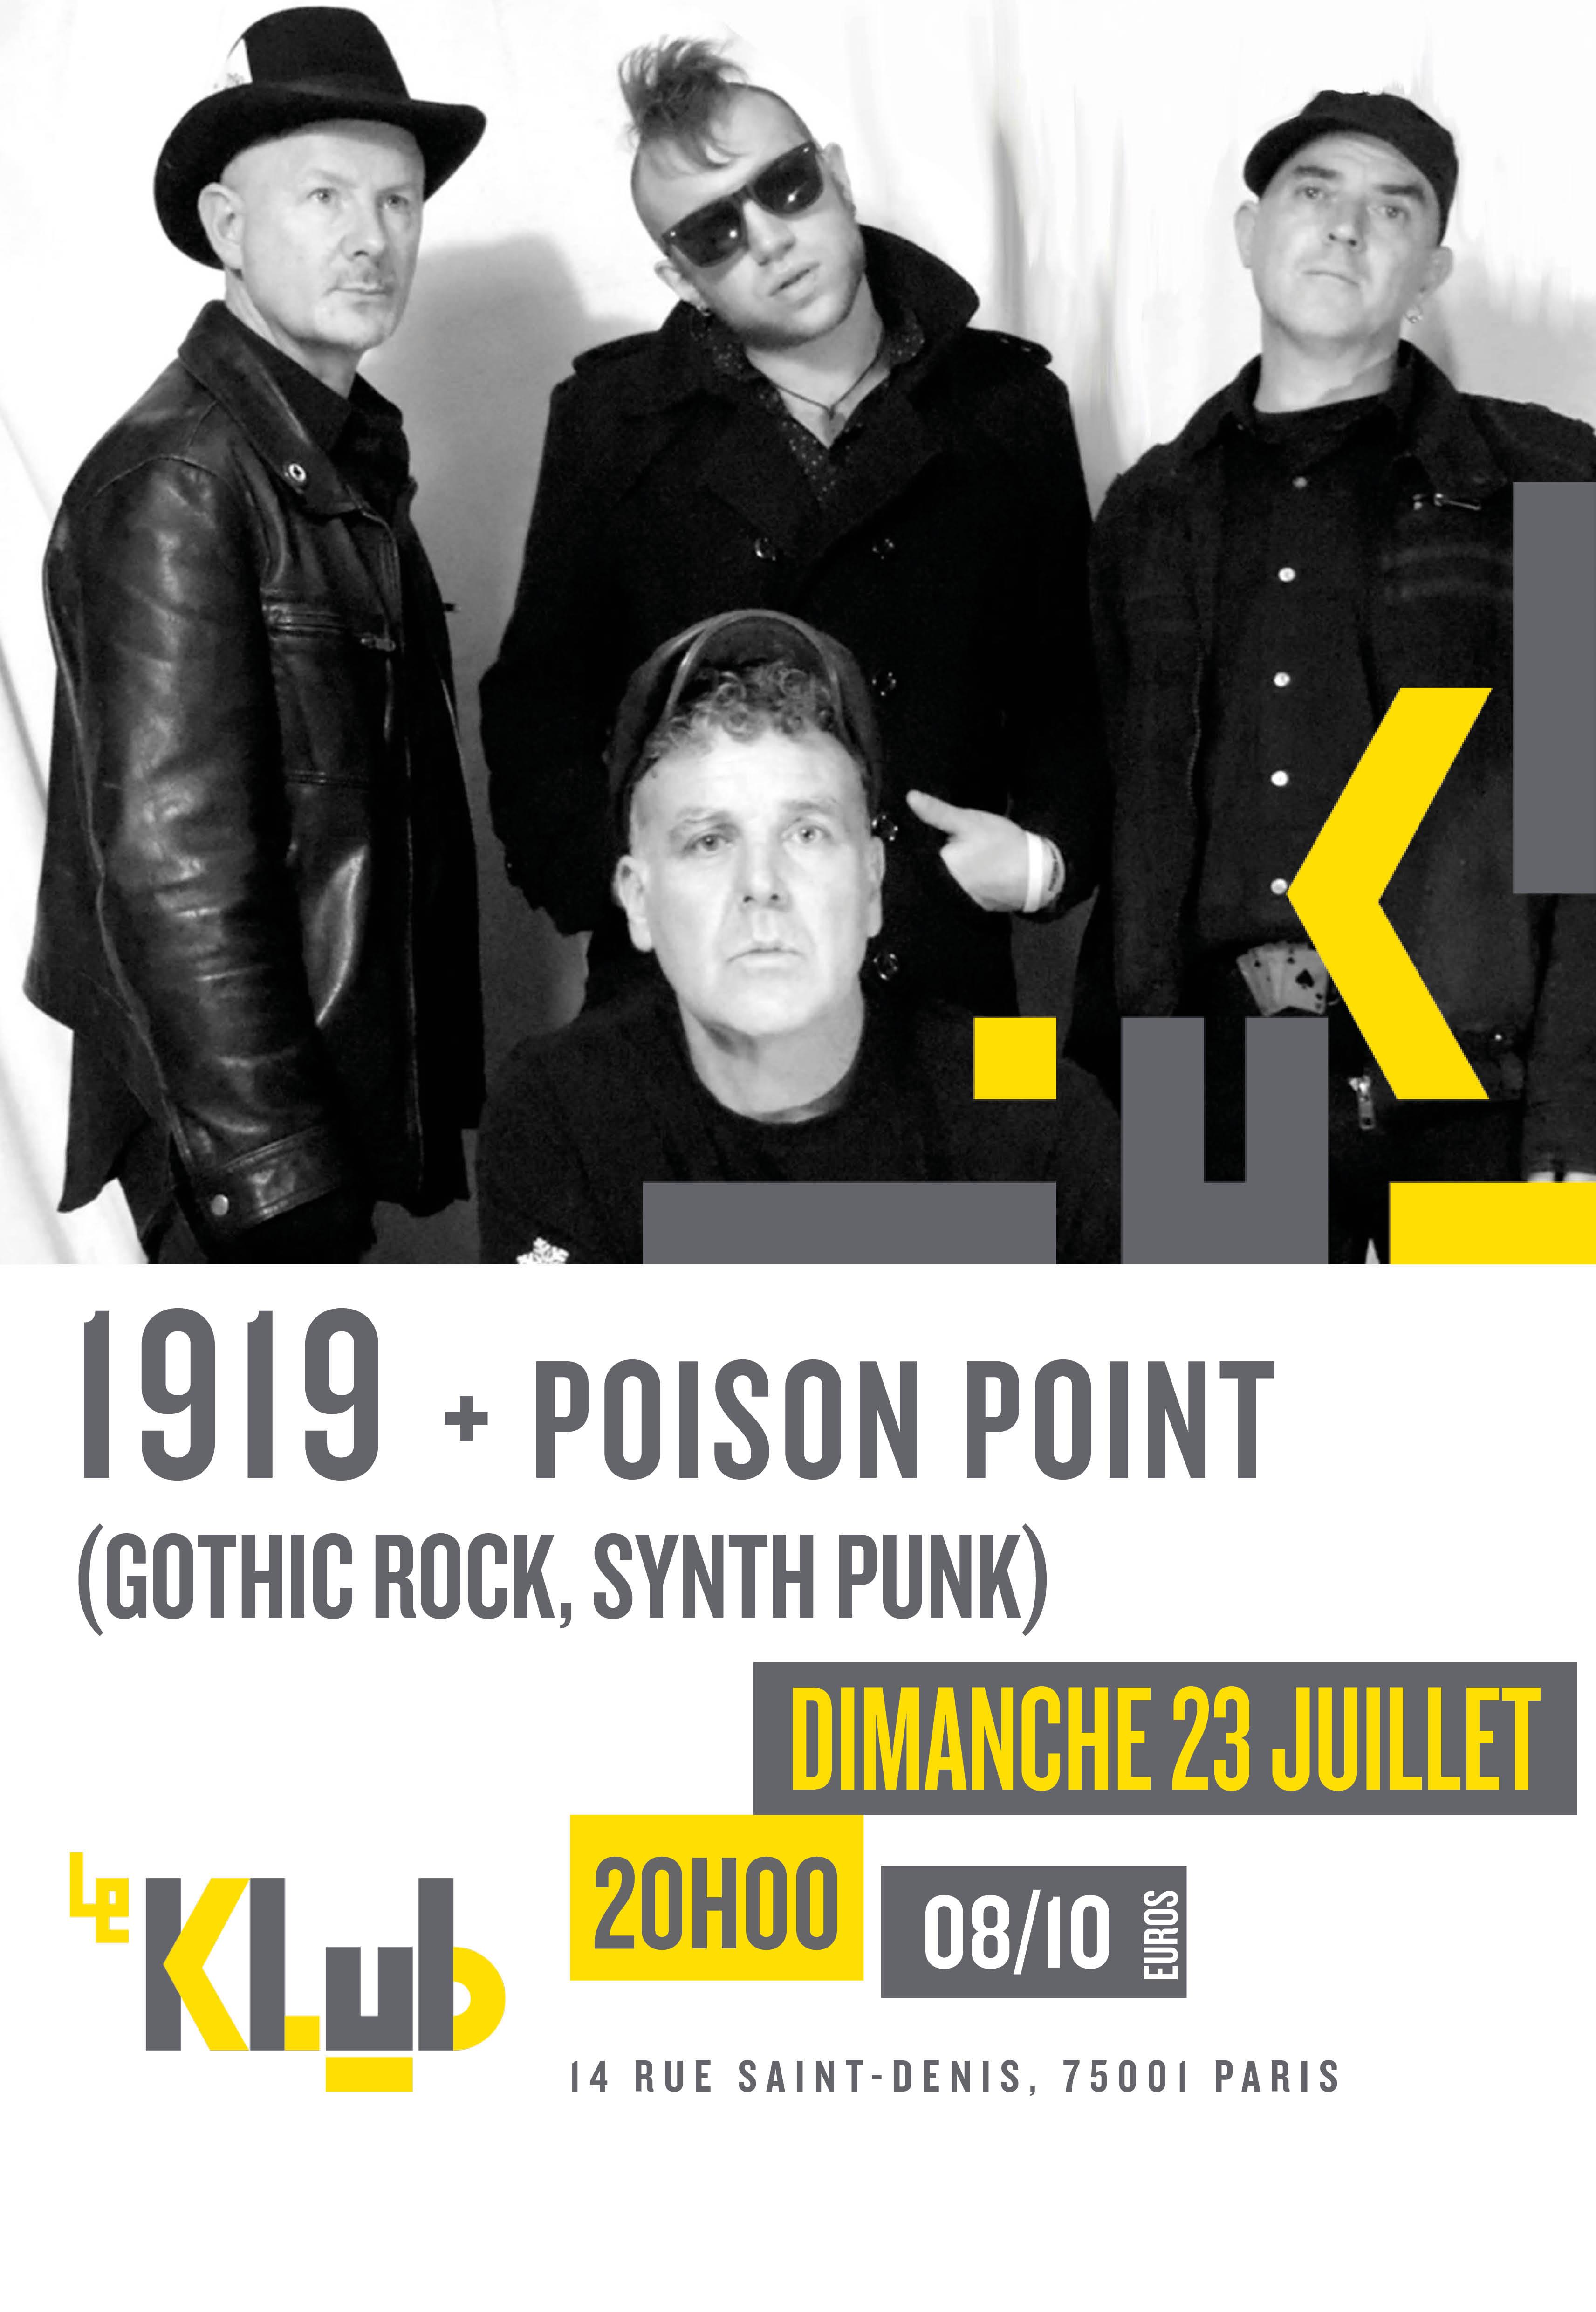 1919 + Poison Point ■ 23.07